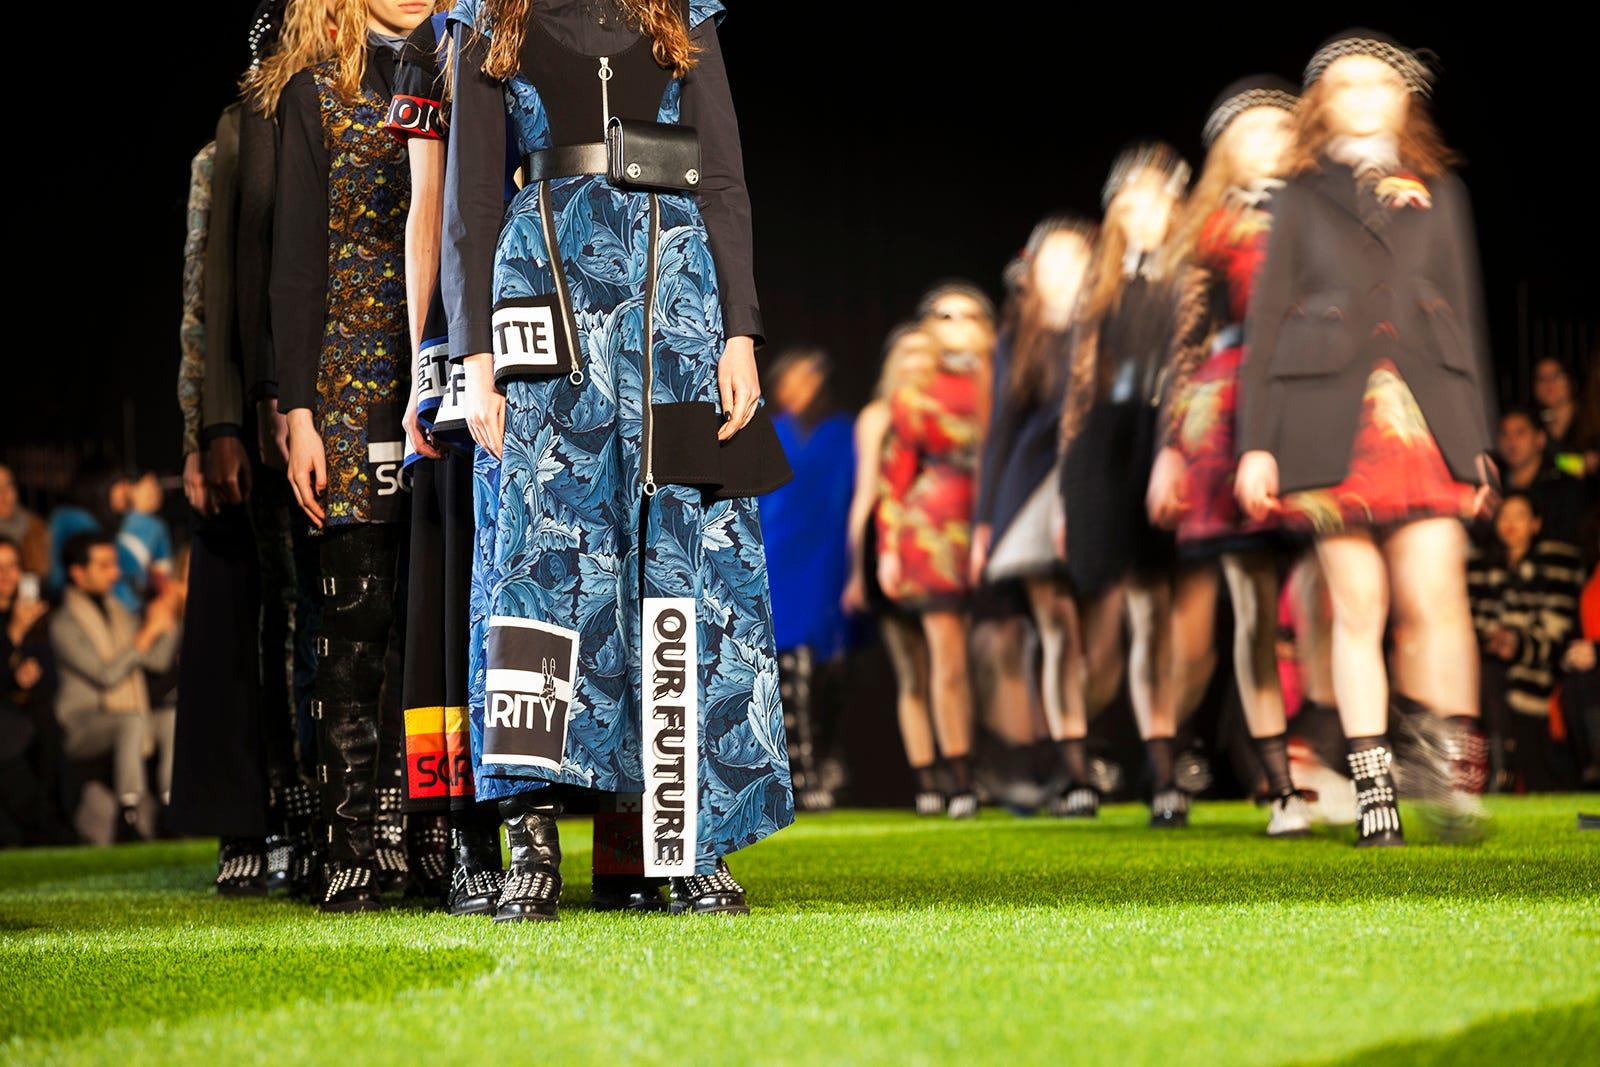 nyfw 2015 models catwalk runway unique shoes